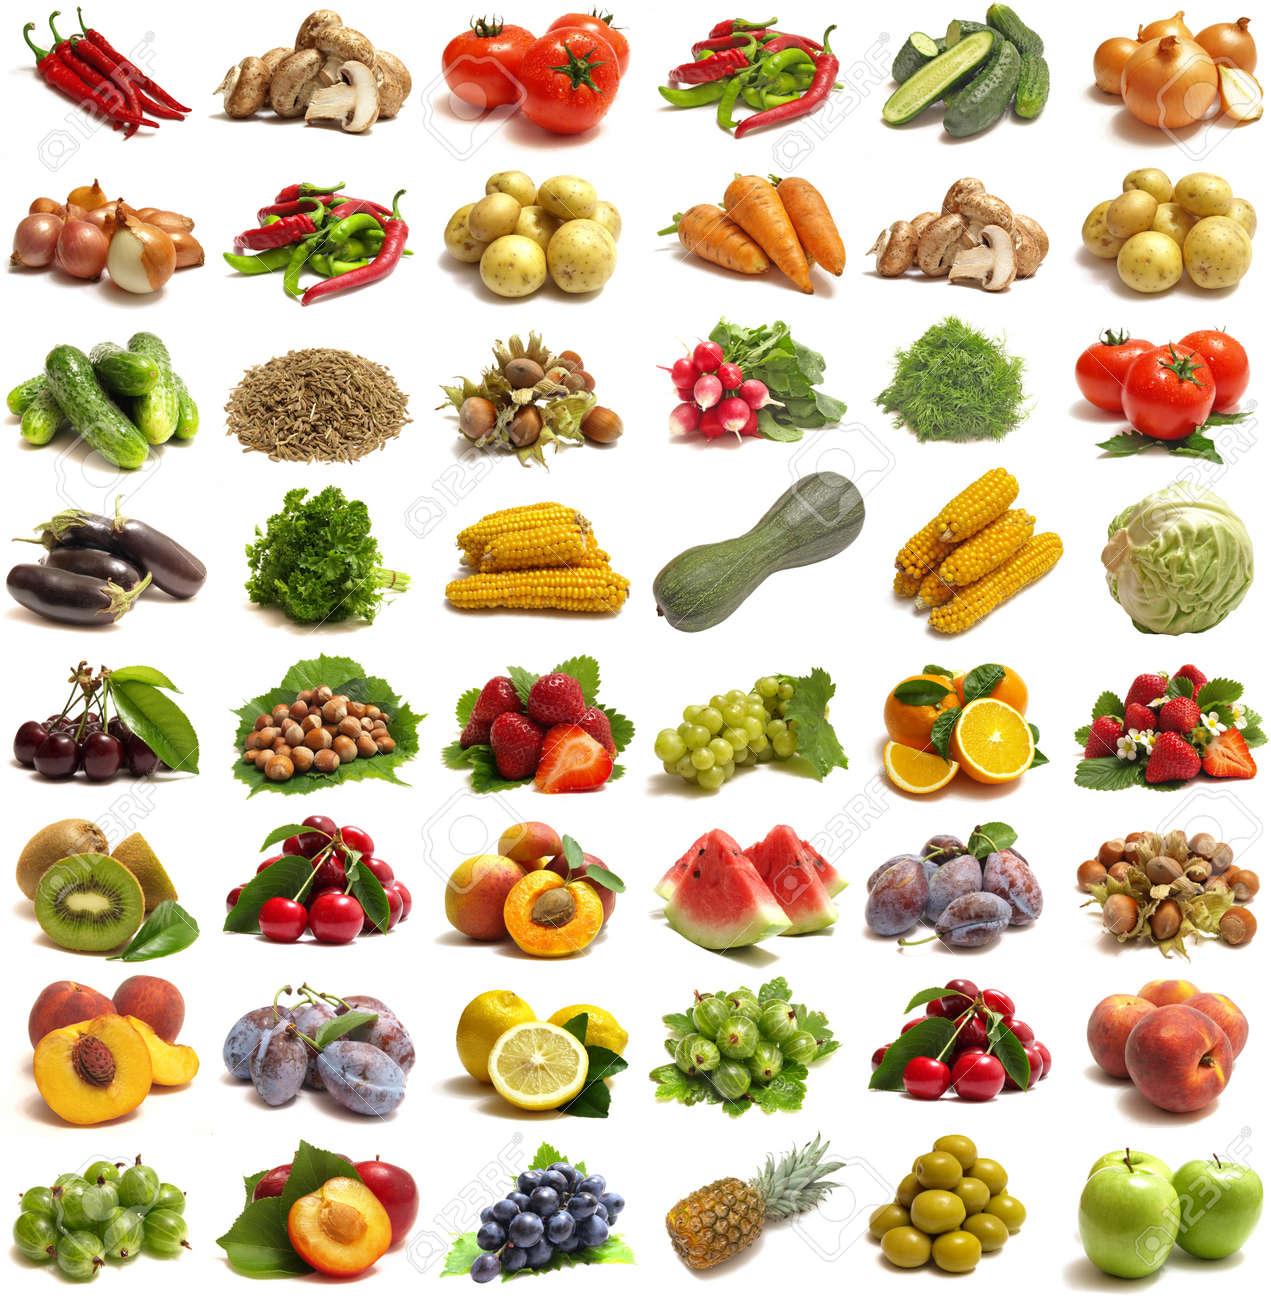 Obst Und Gemüse Lizenzfreie Fotos Bilder Und Stock Fotografie